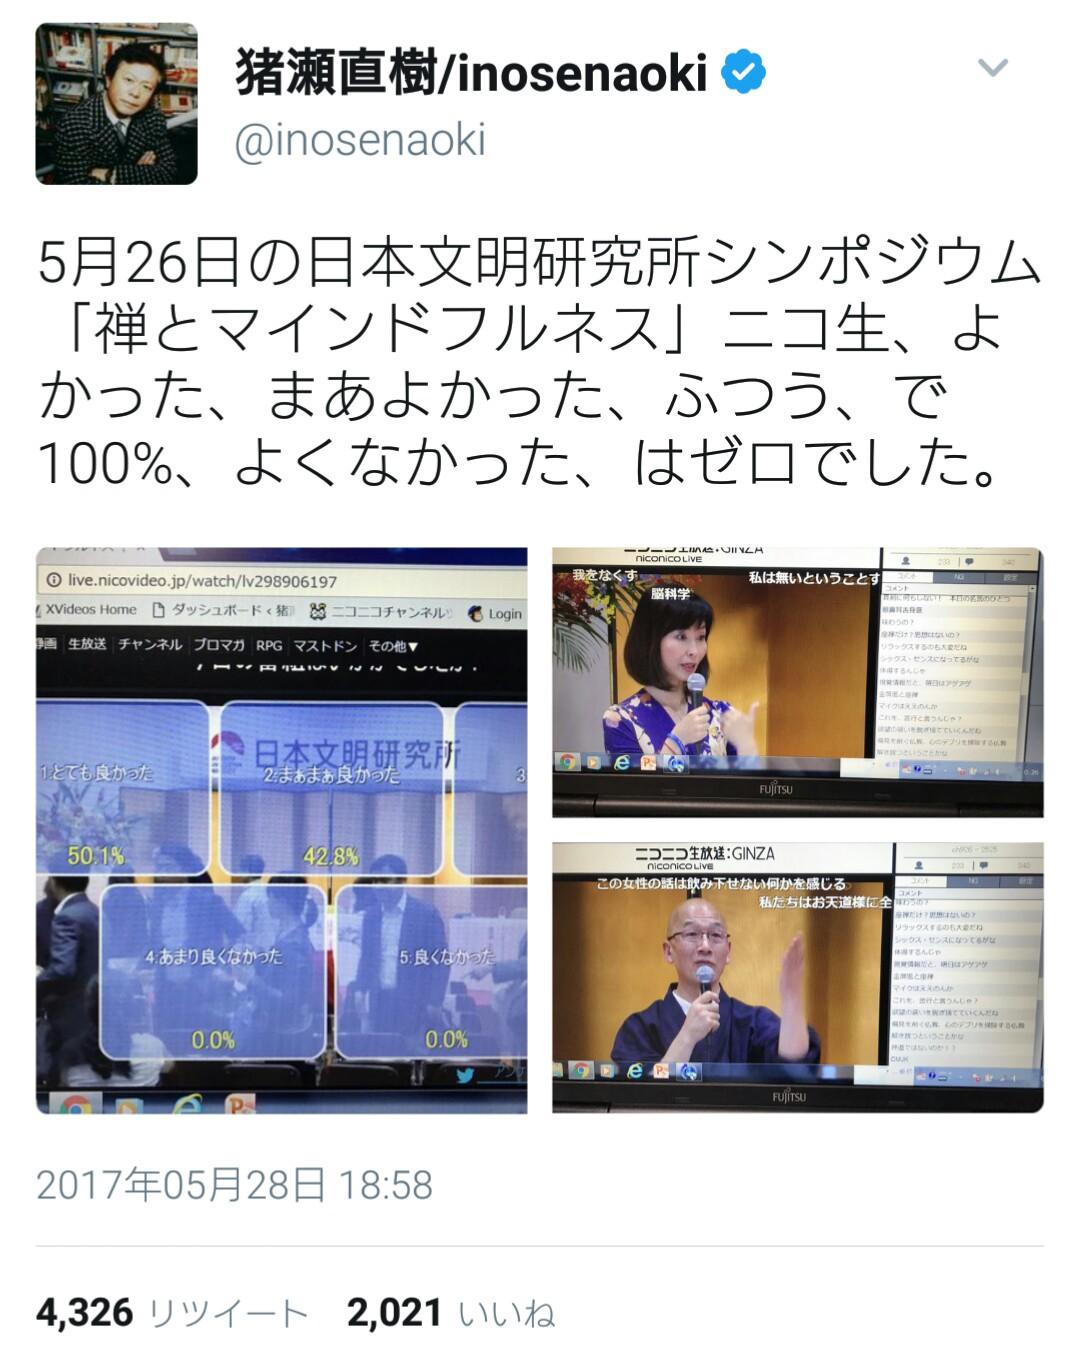 【悲報】元都知事猪瀬さんのパソコンのブックマークがxvideosだったことが判明wwwwwwwwwwwwwのサムネイル画像